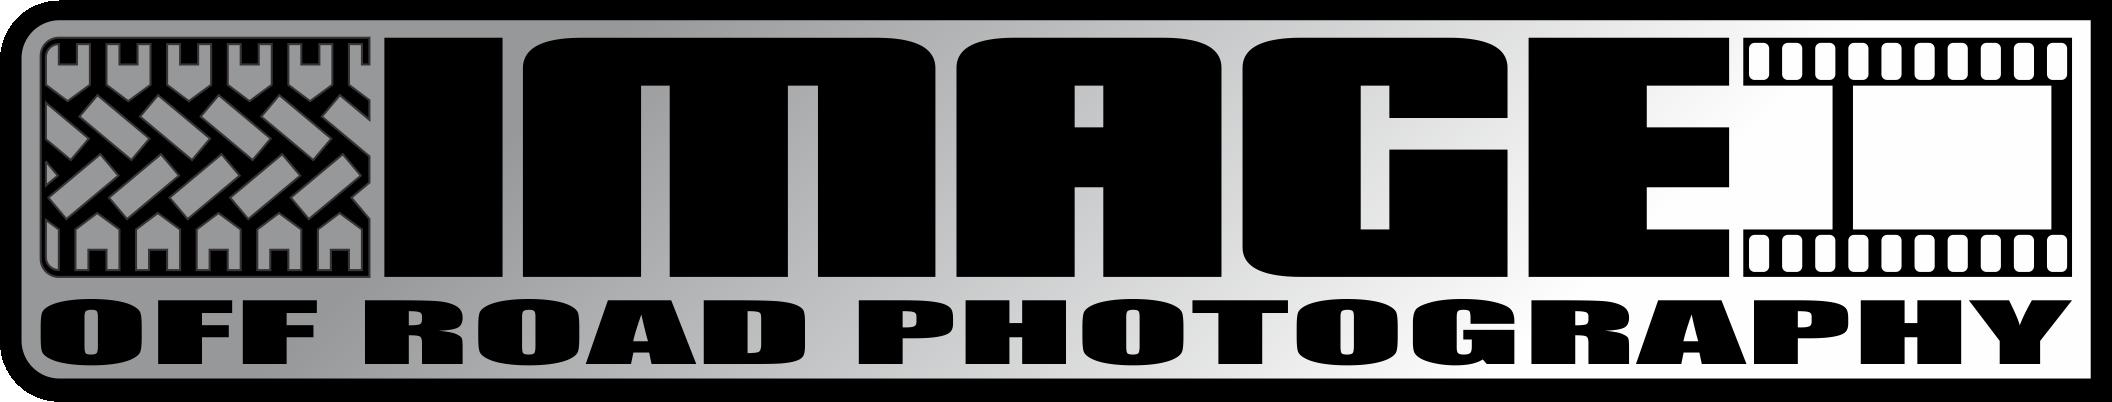 image_web-logo.png